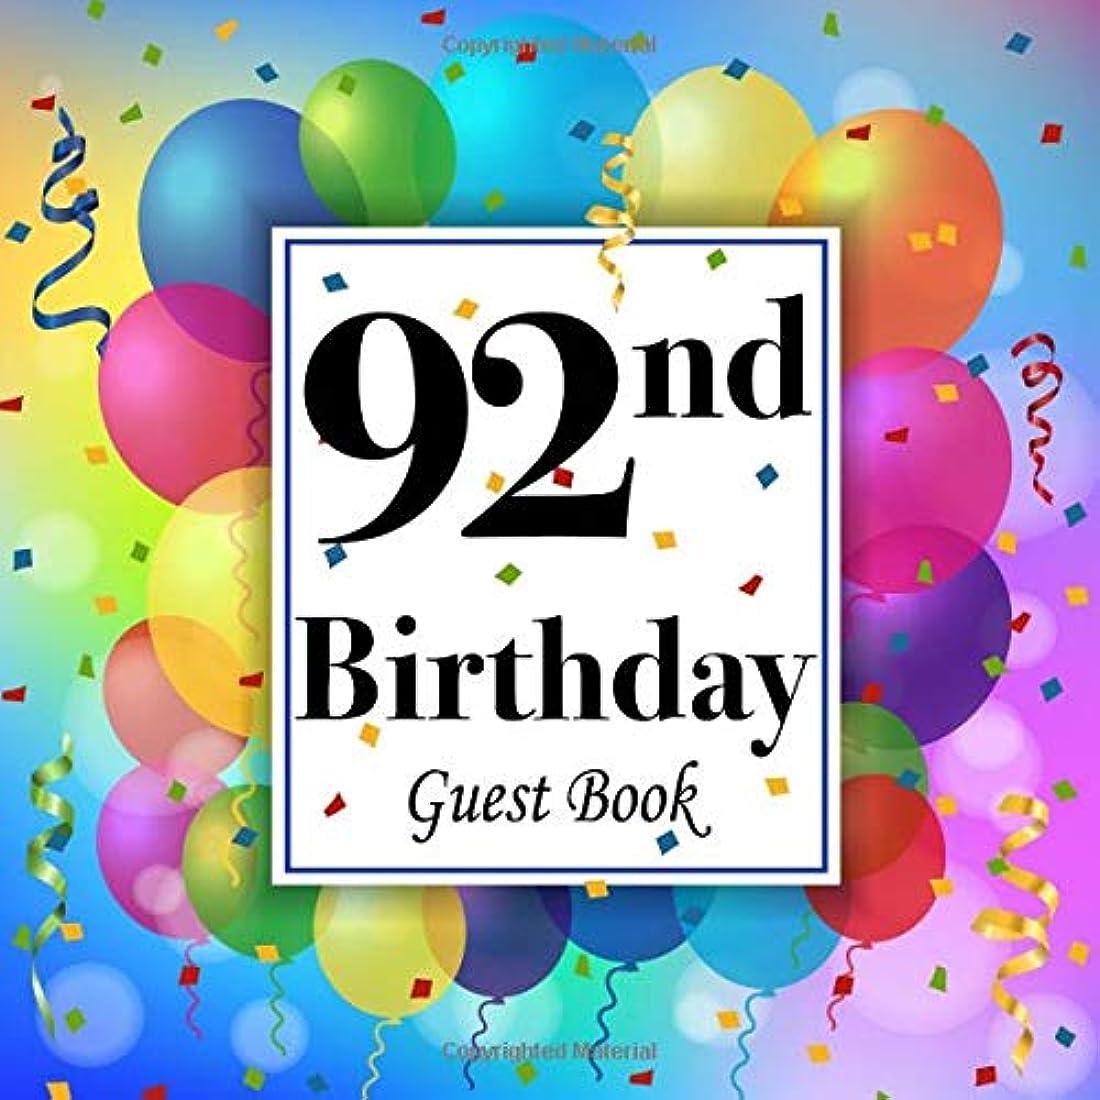 近代化空君主制92nd Birthday Guest Book: Party Celebration Keepsake Memory Book For Family & Friends to write best wishes, messages, sign in, guest